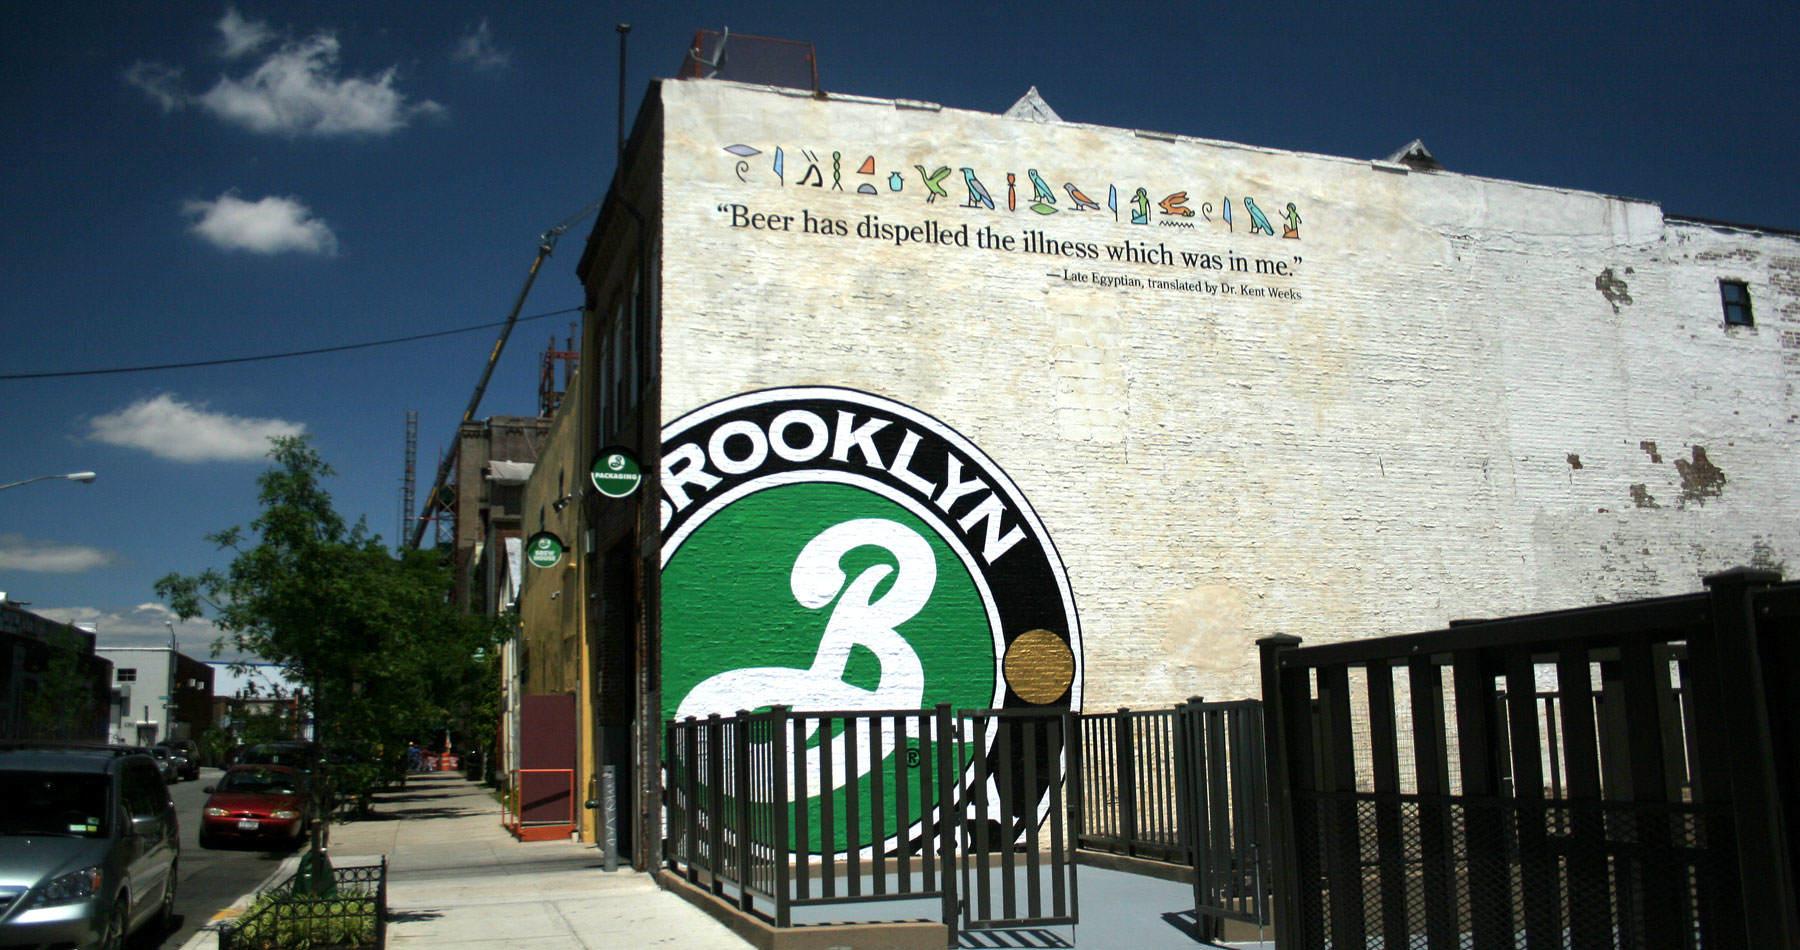 Motivos para visitar o Brooklyn em Nova York 4 dicas Viaje Global